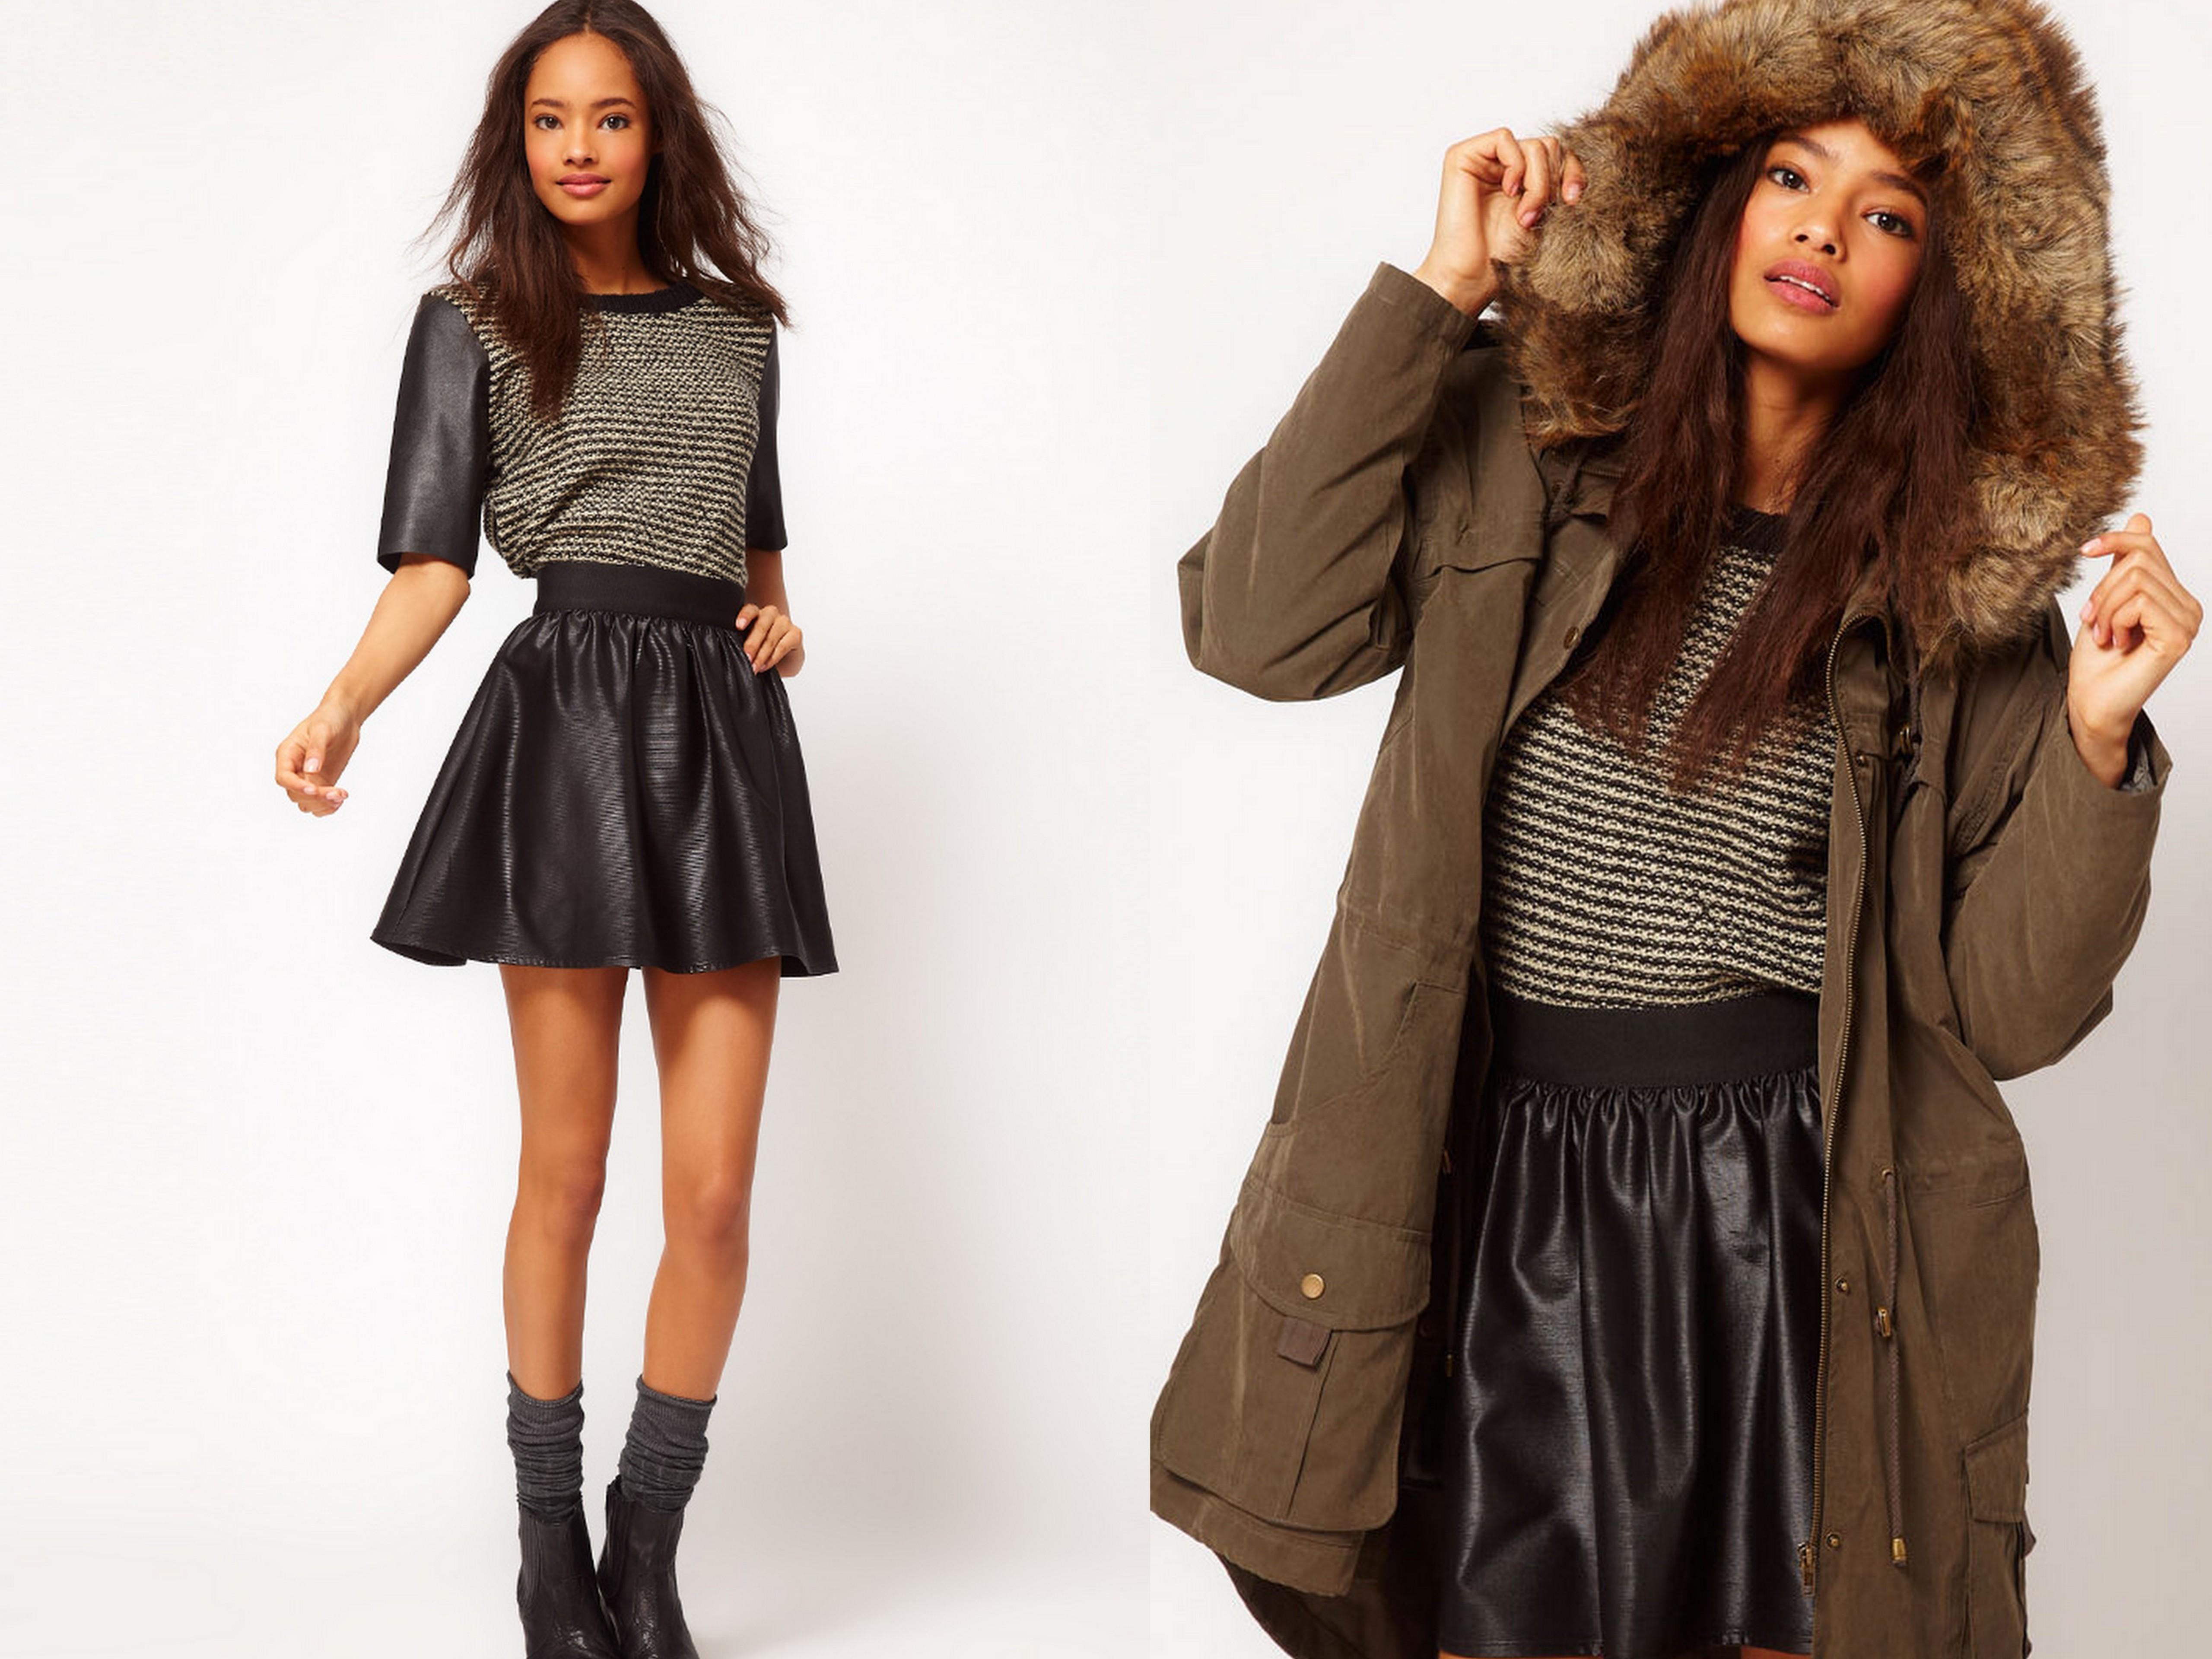 Descubre las últimas tendencias en moda de mujer en H&M. Compra ropa y accesorios de mujer y déjate inspirar por las últimas tendencias en moda.